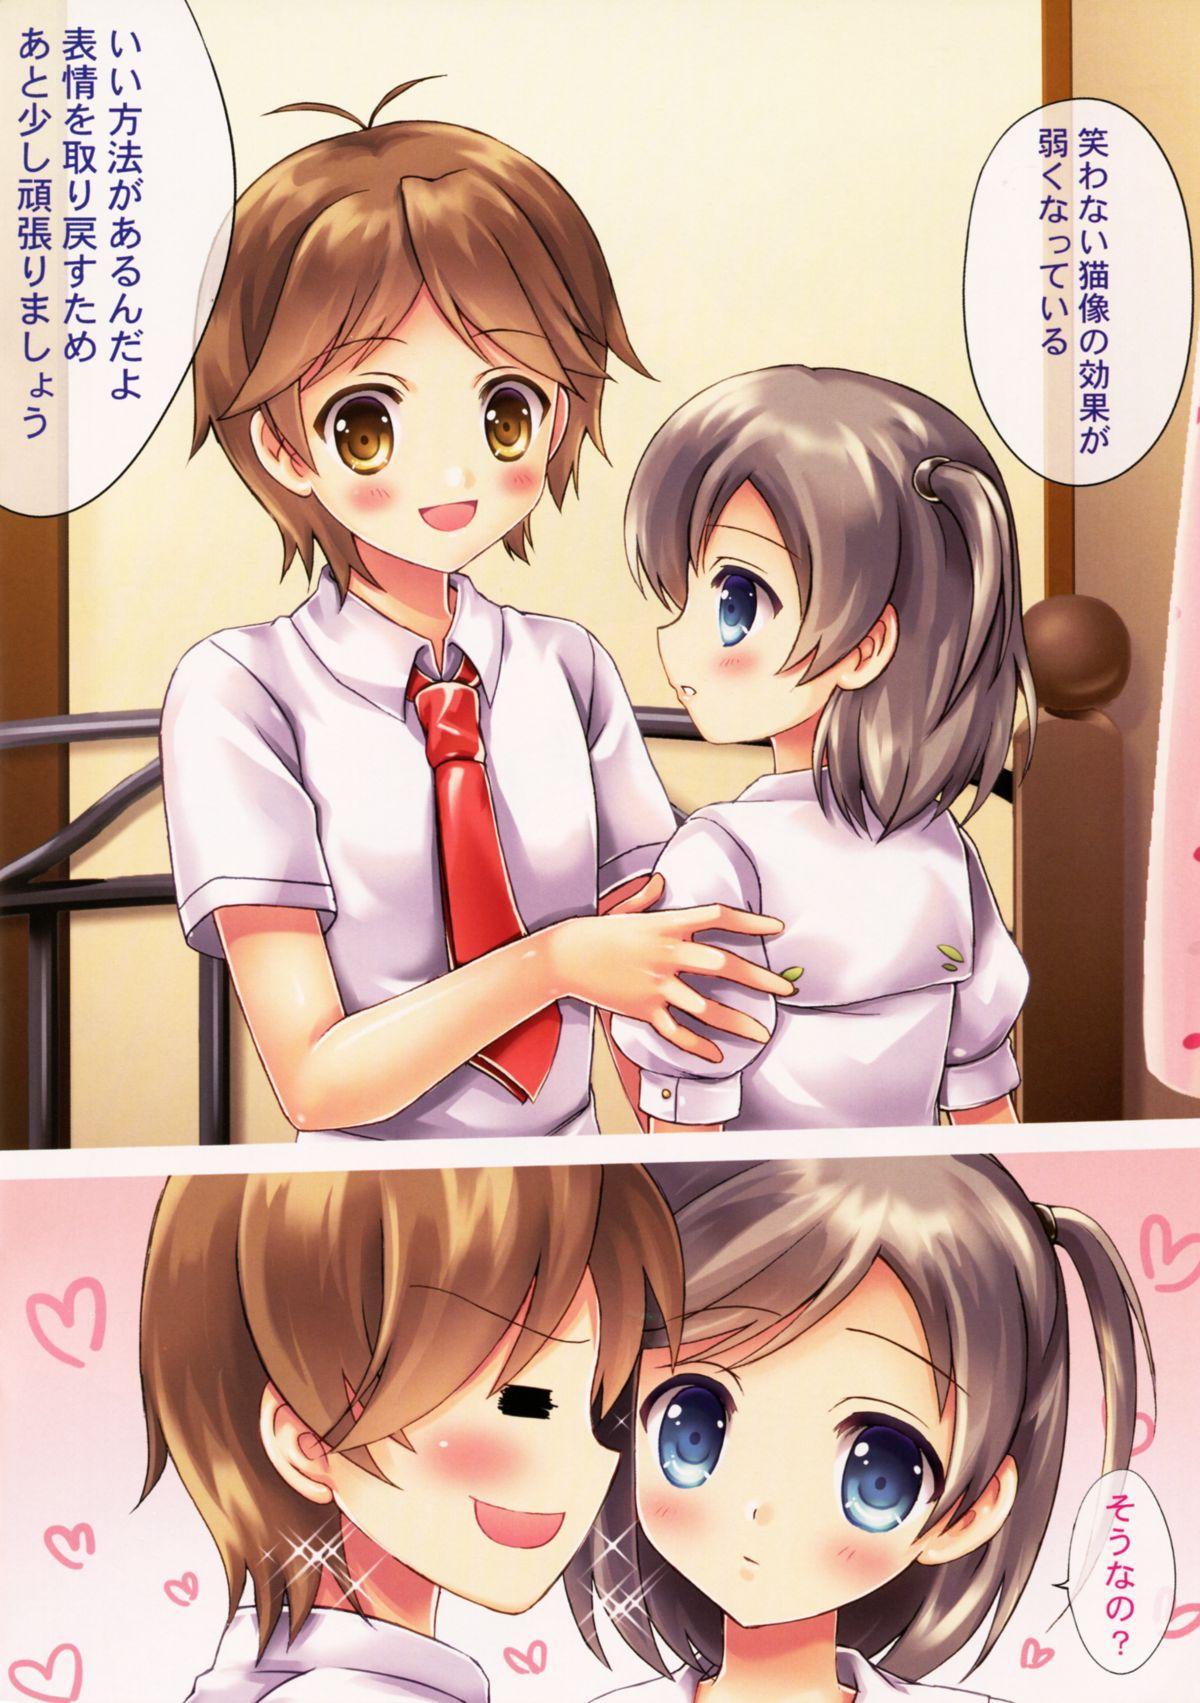 Neko no Shindan to Chiryou 2